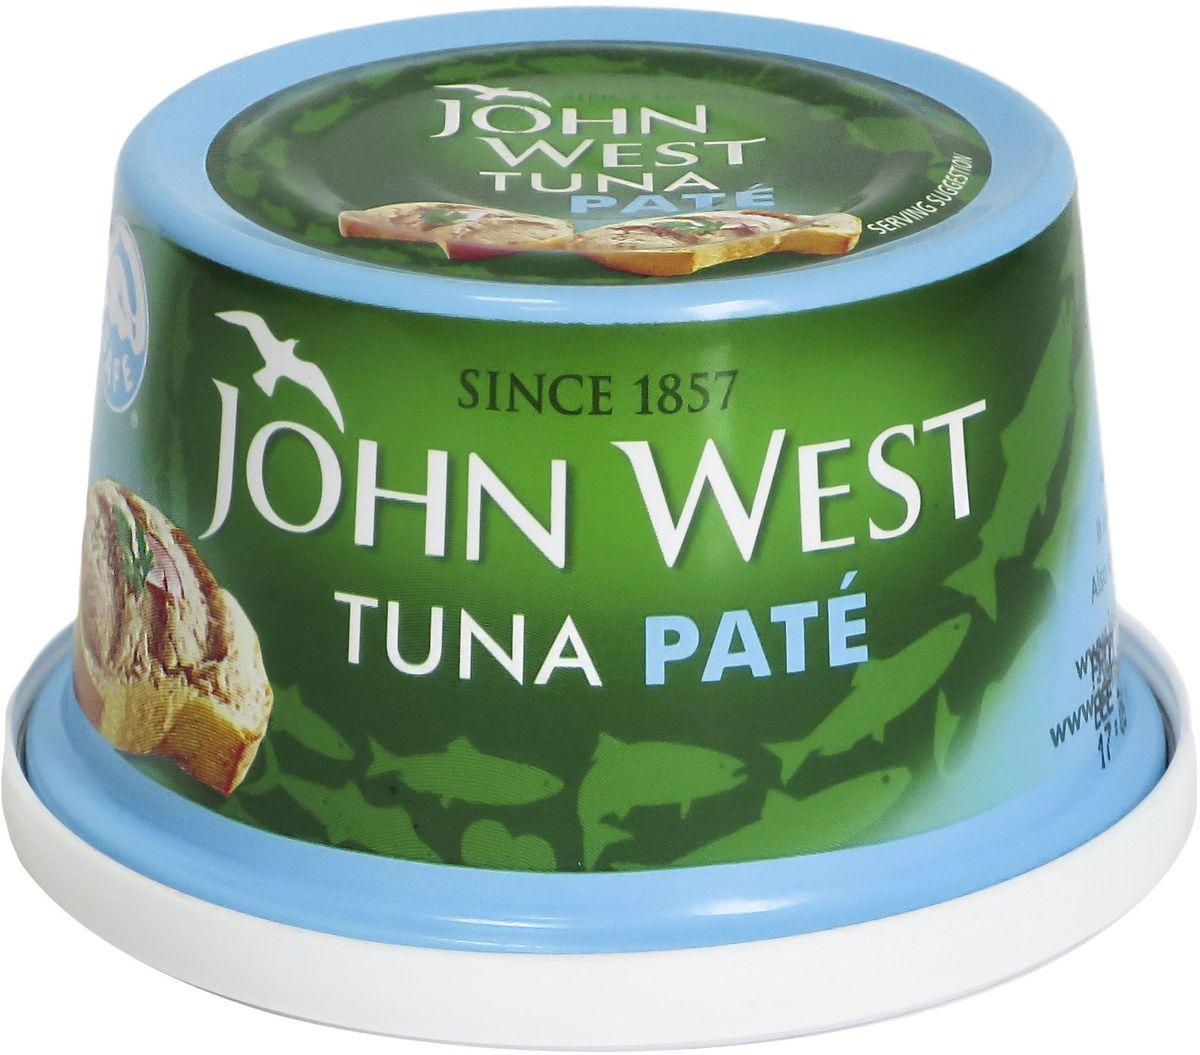 John West паштет из тунца, 125 г64808Паштет из тунца с добавлением специй отличается деликатным вкусом.